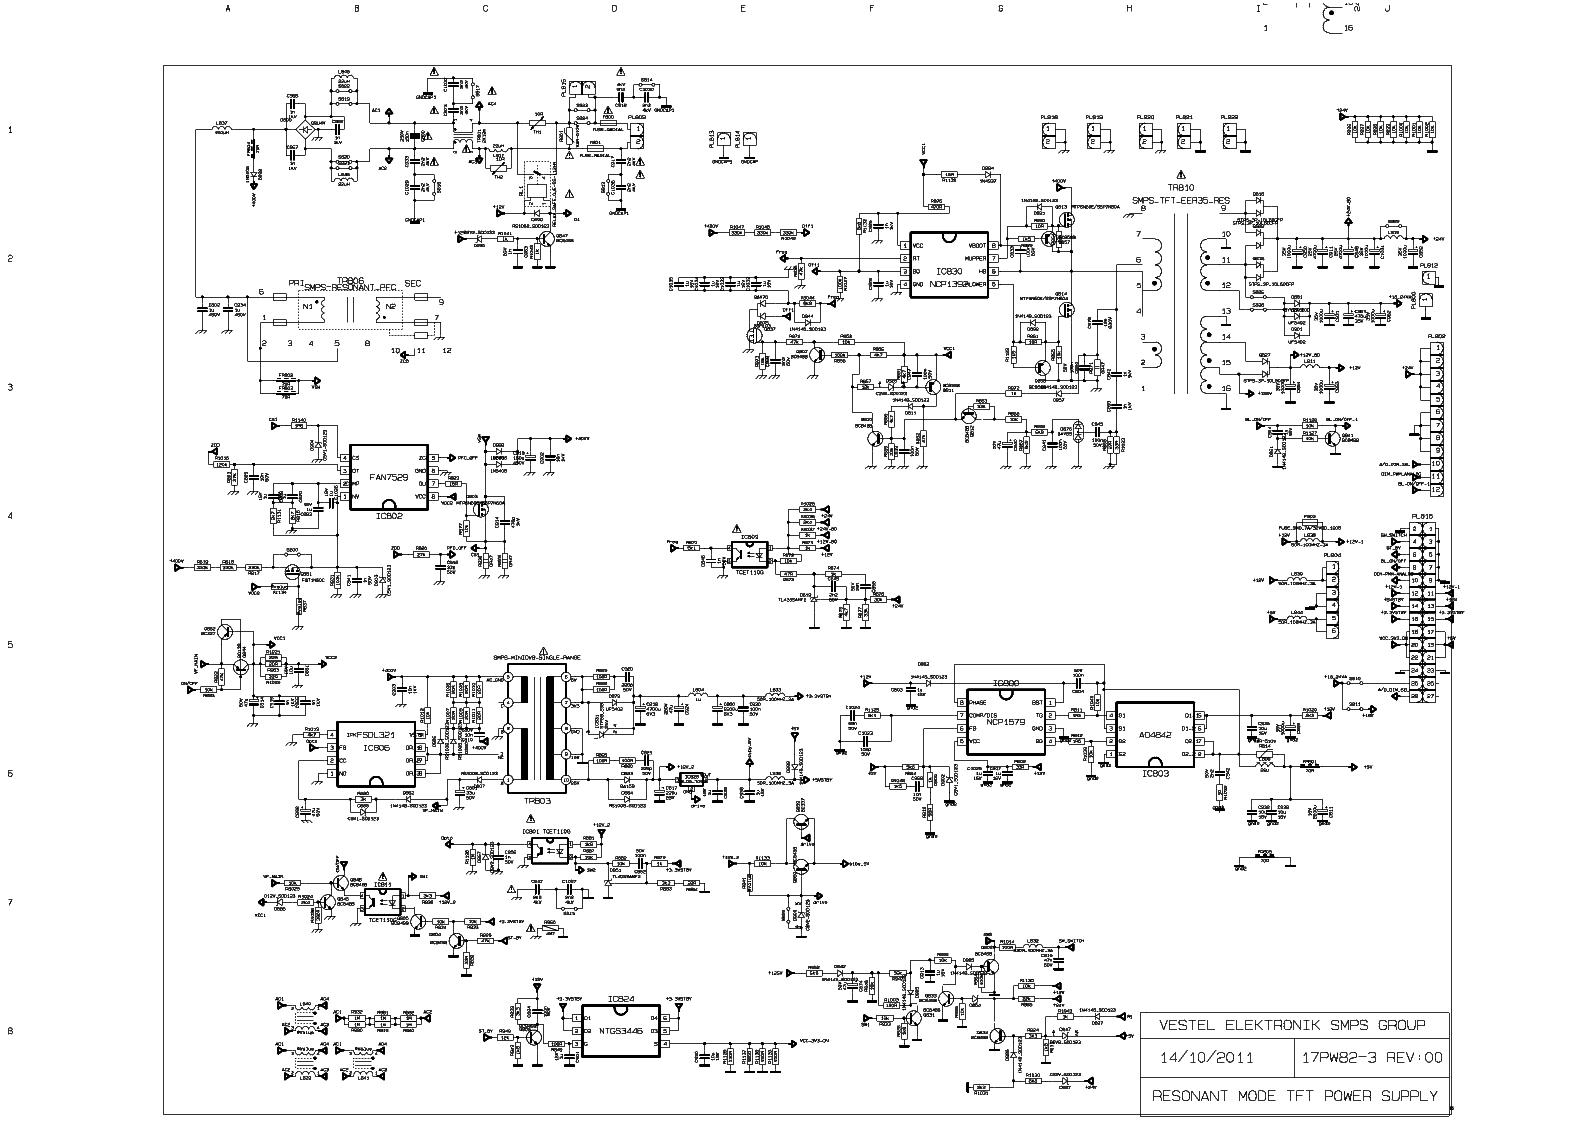 VESTEL 17PW82-3 SCH Service Manual download, schematics, eeprom ...